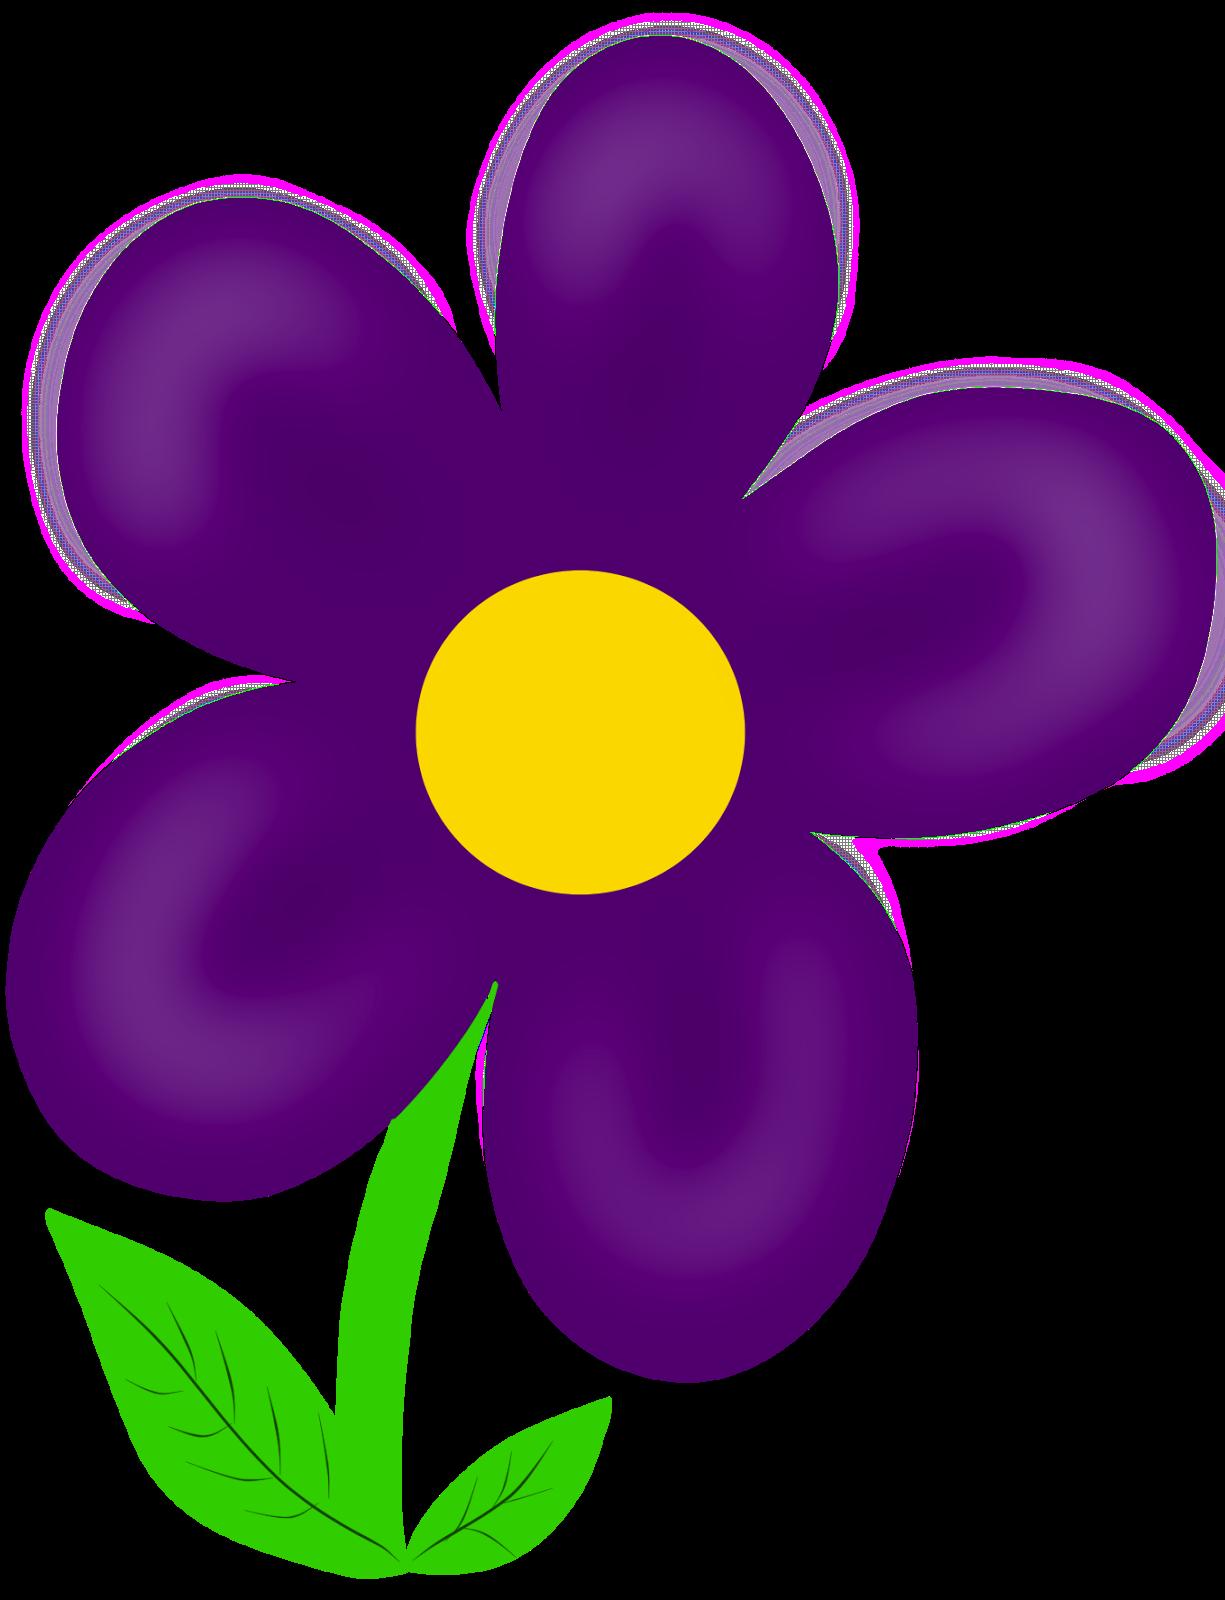 Summer Flowers Clip Art - Clipart Librar-Summer Flowers Clip Art - Clipart library-14